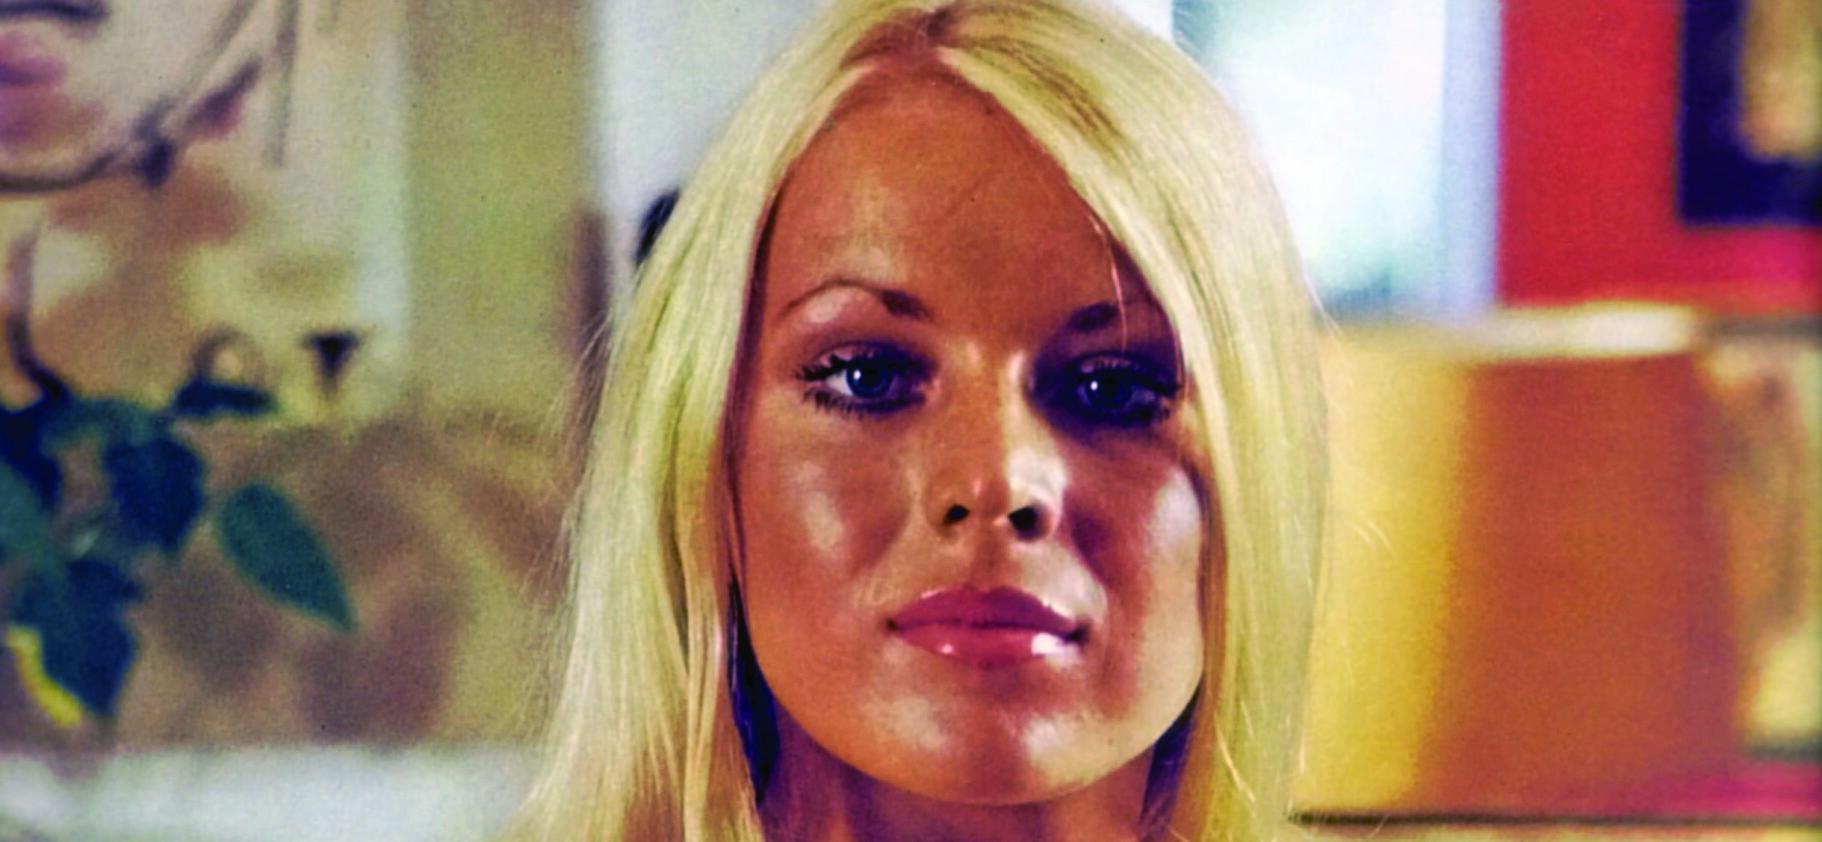 OFFER: Playboy-piken Eve Stratford blir funnet død i sitt hjem av kjæresten Tony Priest og en annen beboer. Hun er bakbundet med en strømpe og et morgenkåebetle. En annen nylonstrømpe er bundet rundt ankelen hennes. Hodet er nesten helt skåret av. Det var ingen spor etter innbrudd.